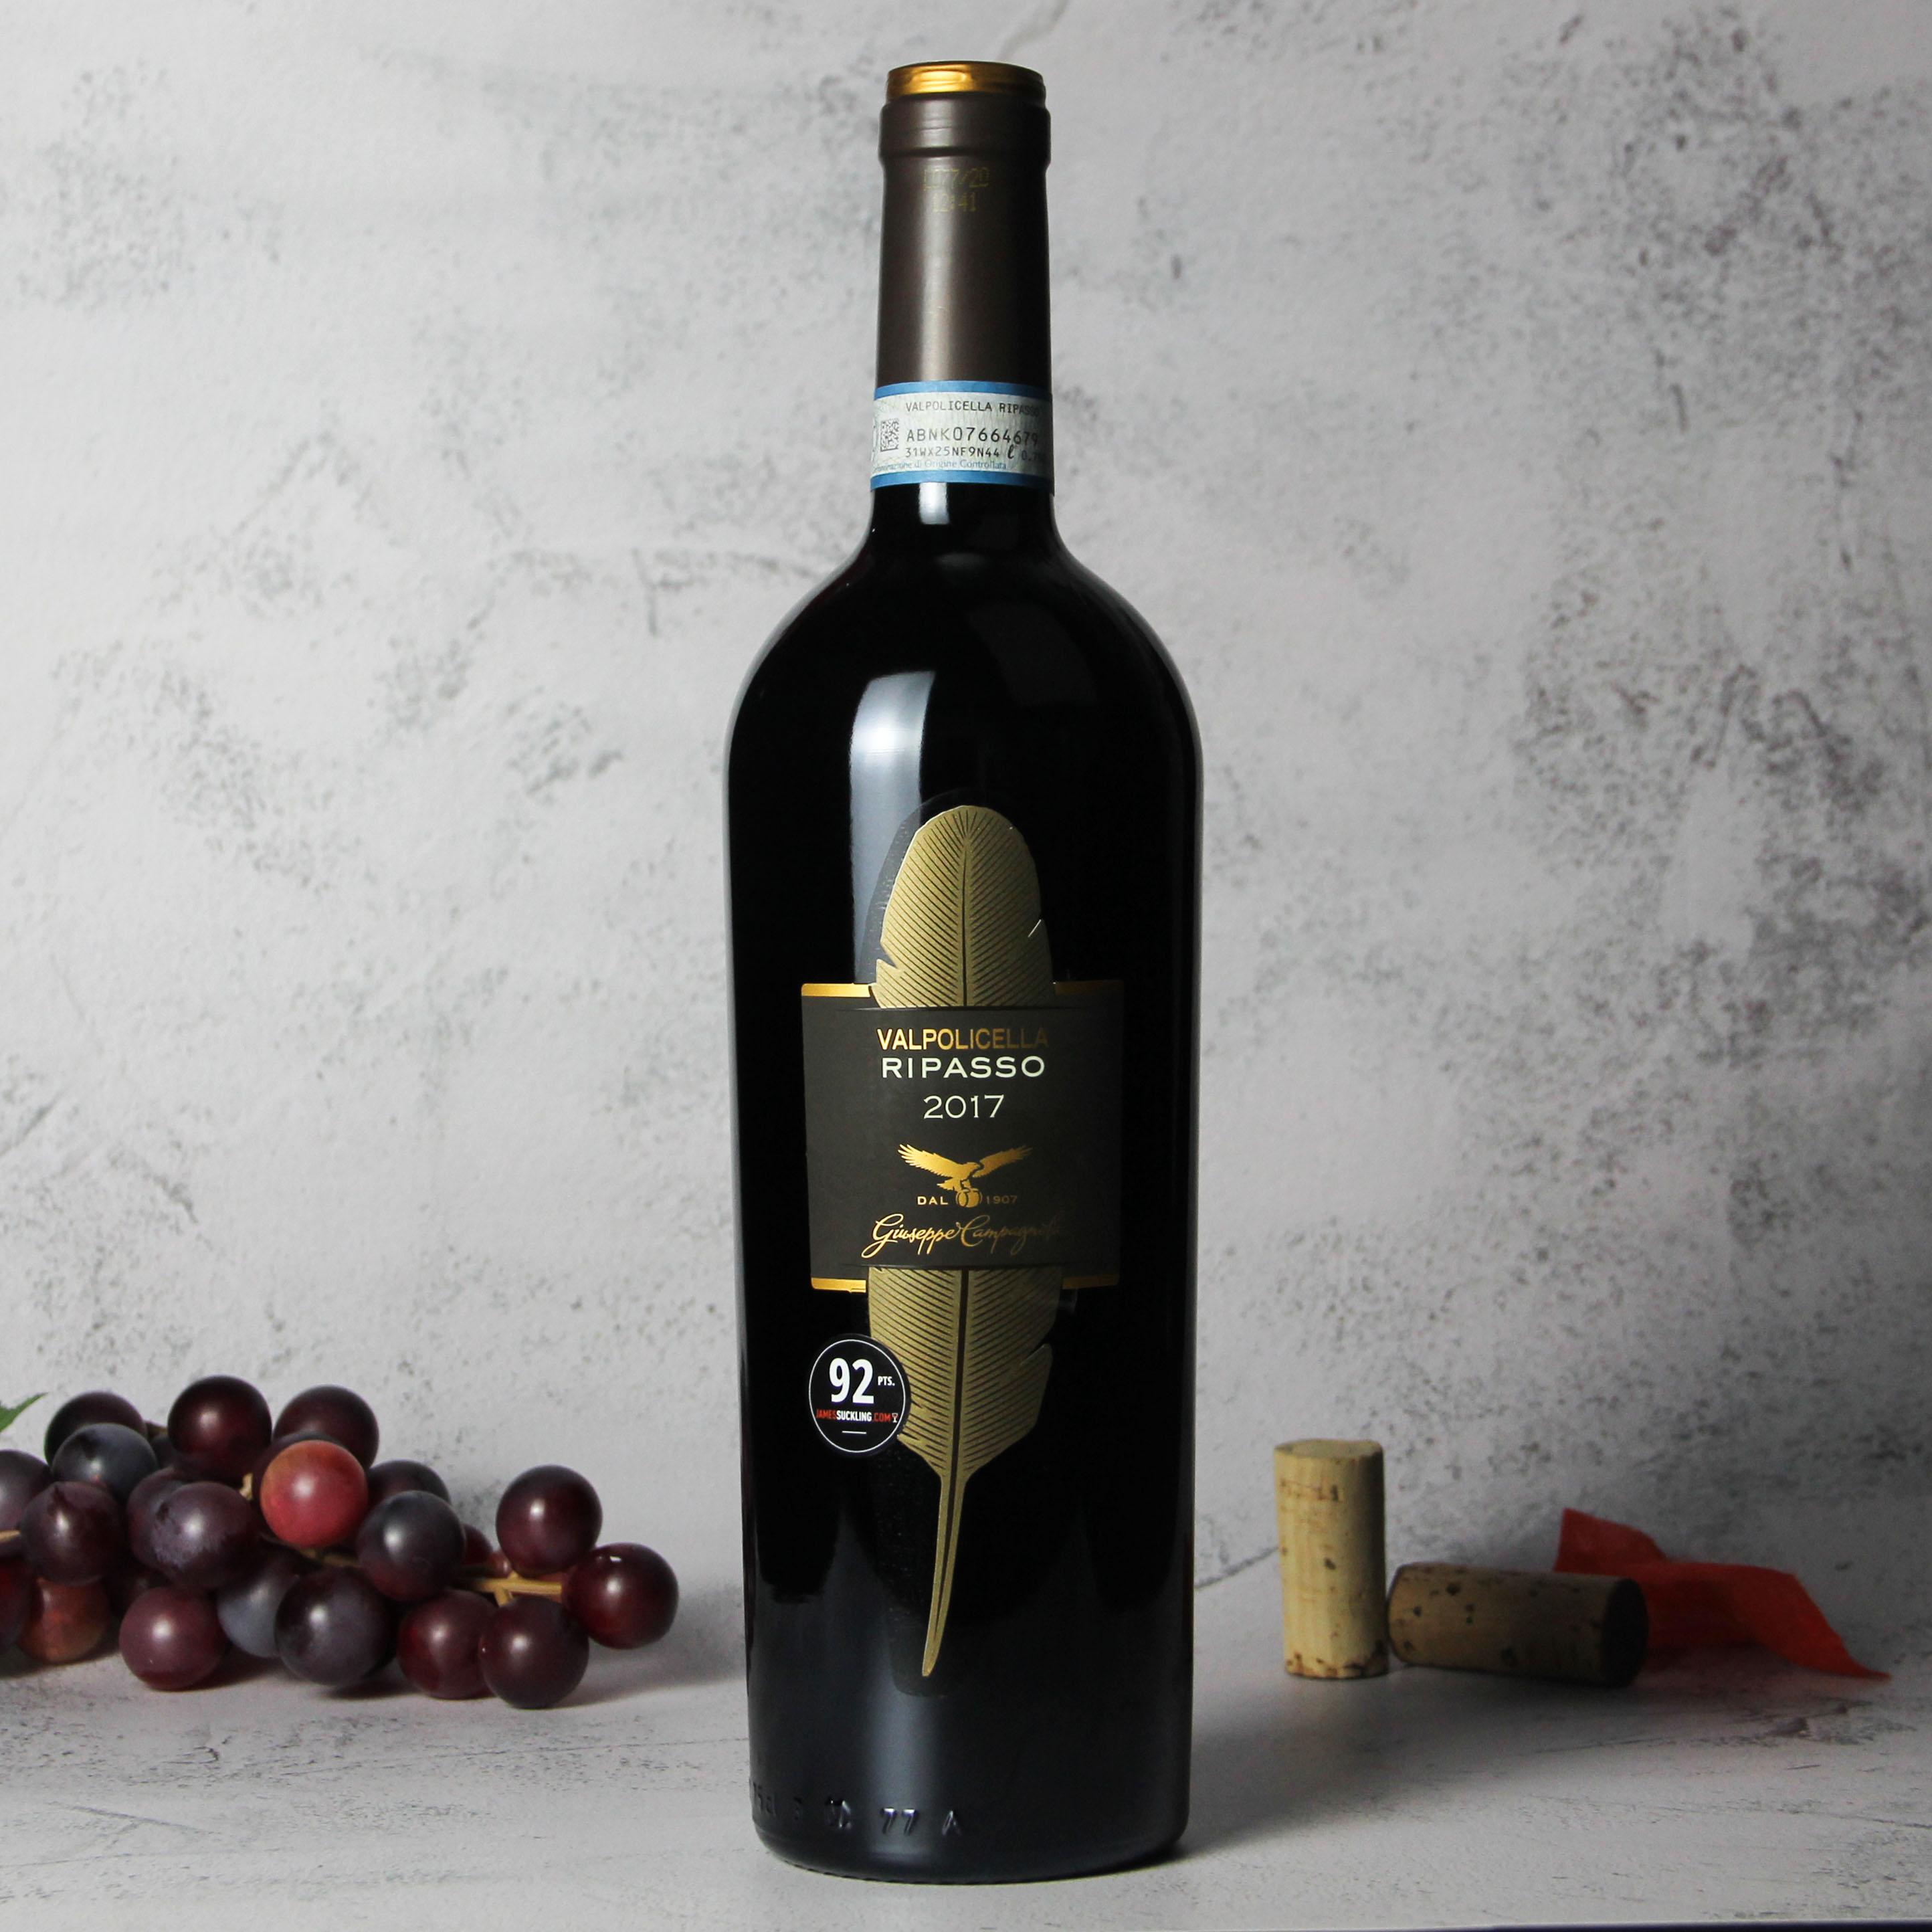 意大利威尼托坎帕诺拉酒庄珍藏瓦波里切拉里帕索葡萄酒红酒